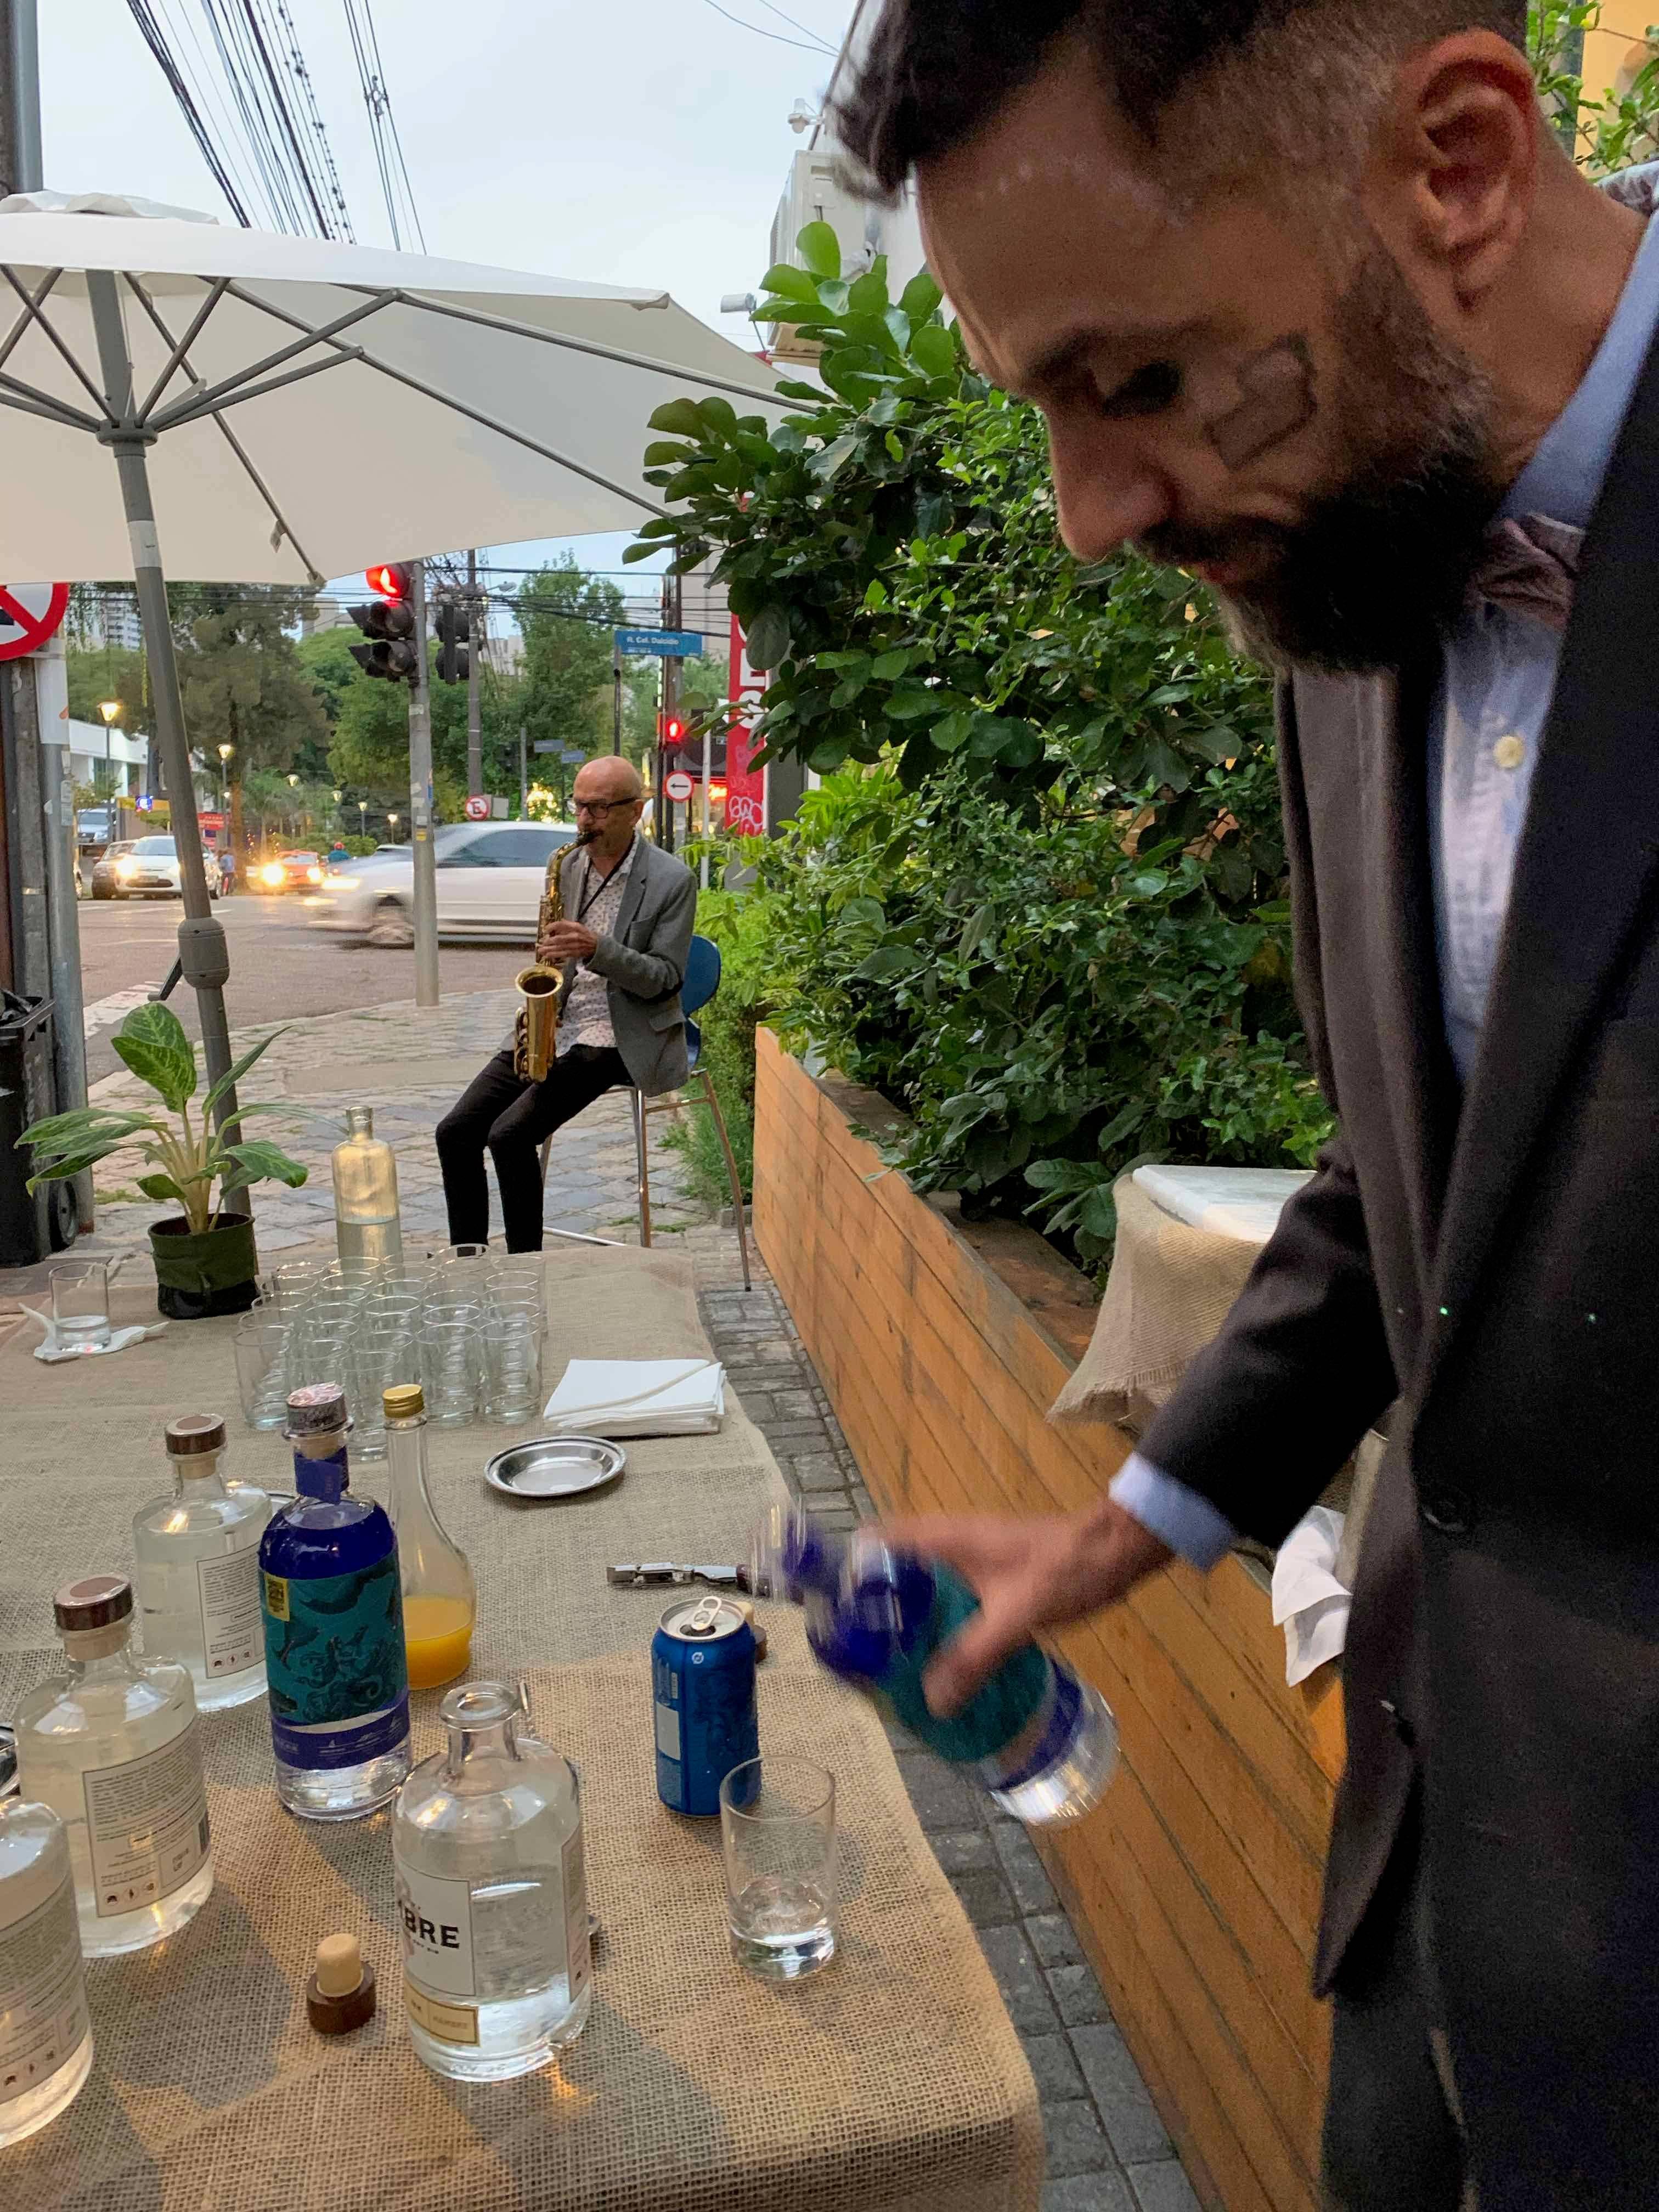 Música e drinks na calçada em frente ao restaurante